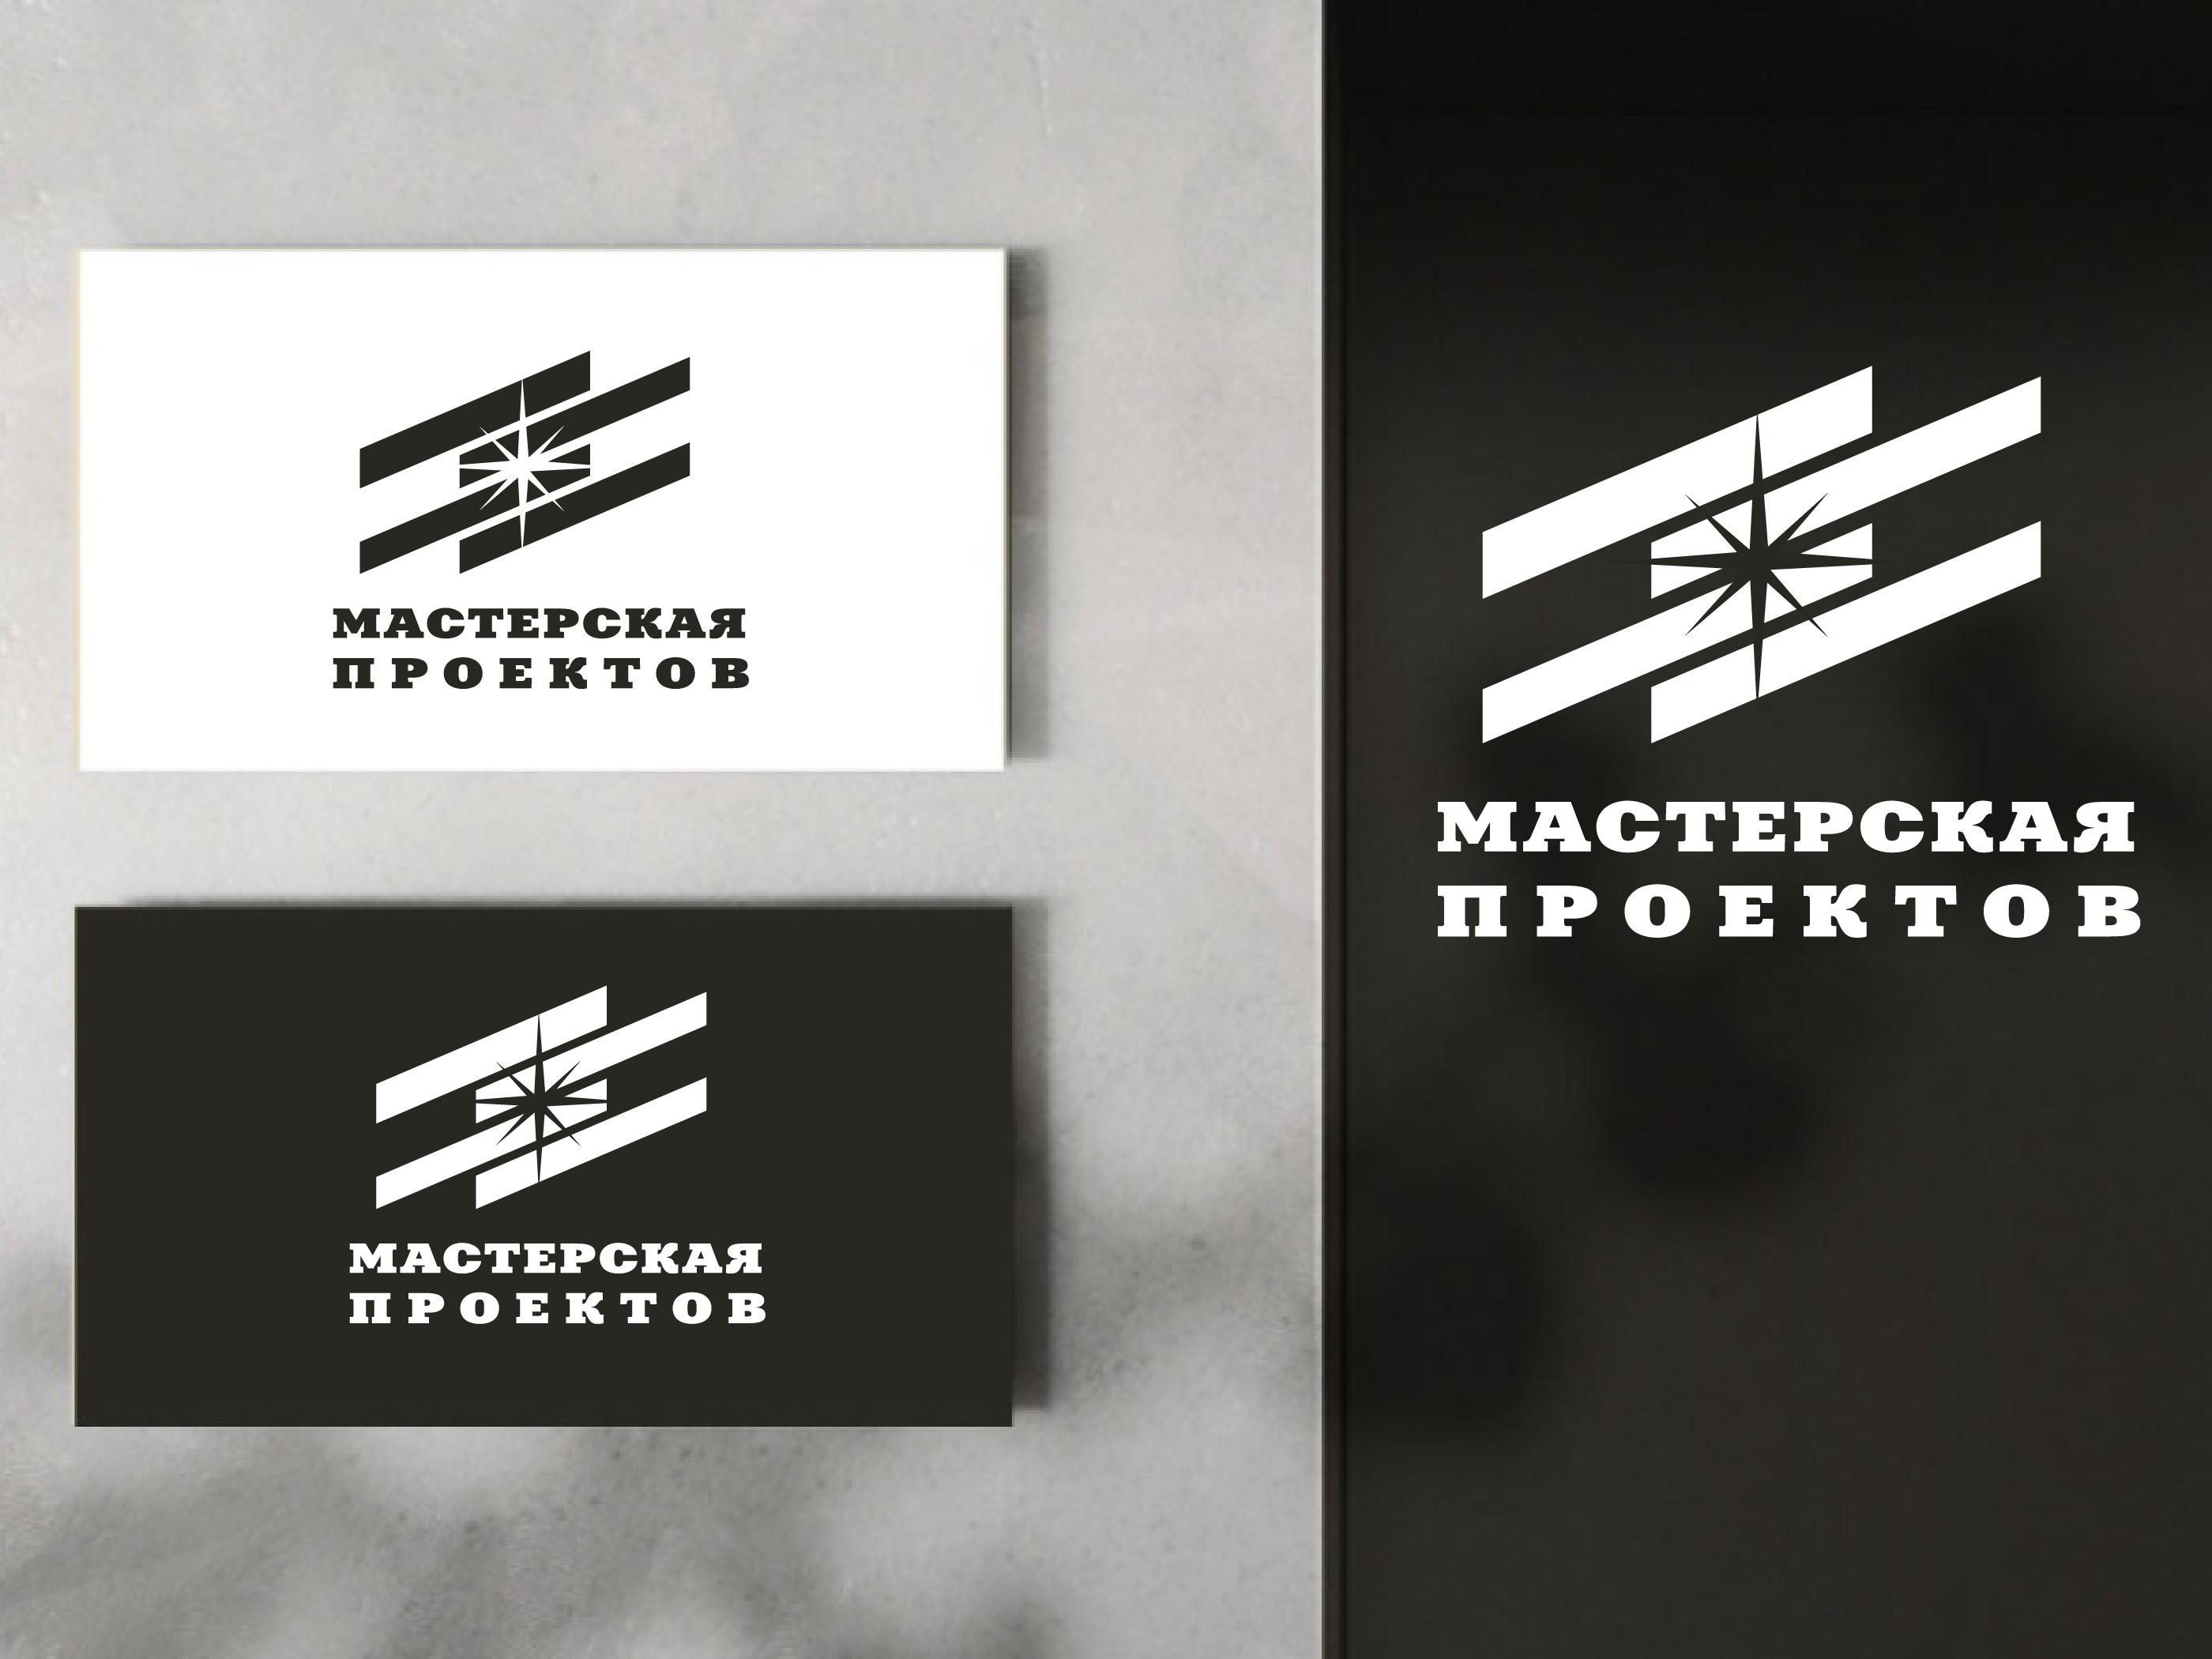 Разработка логотипа строительно-мебельного проекта (см. опис фото f_301606ed95340440.png